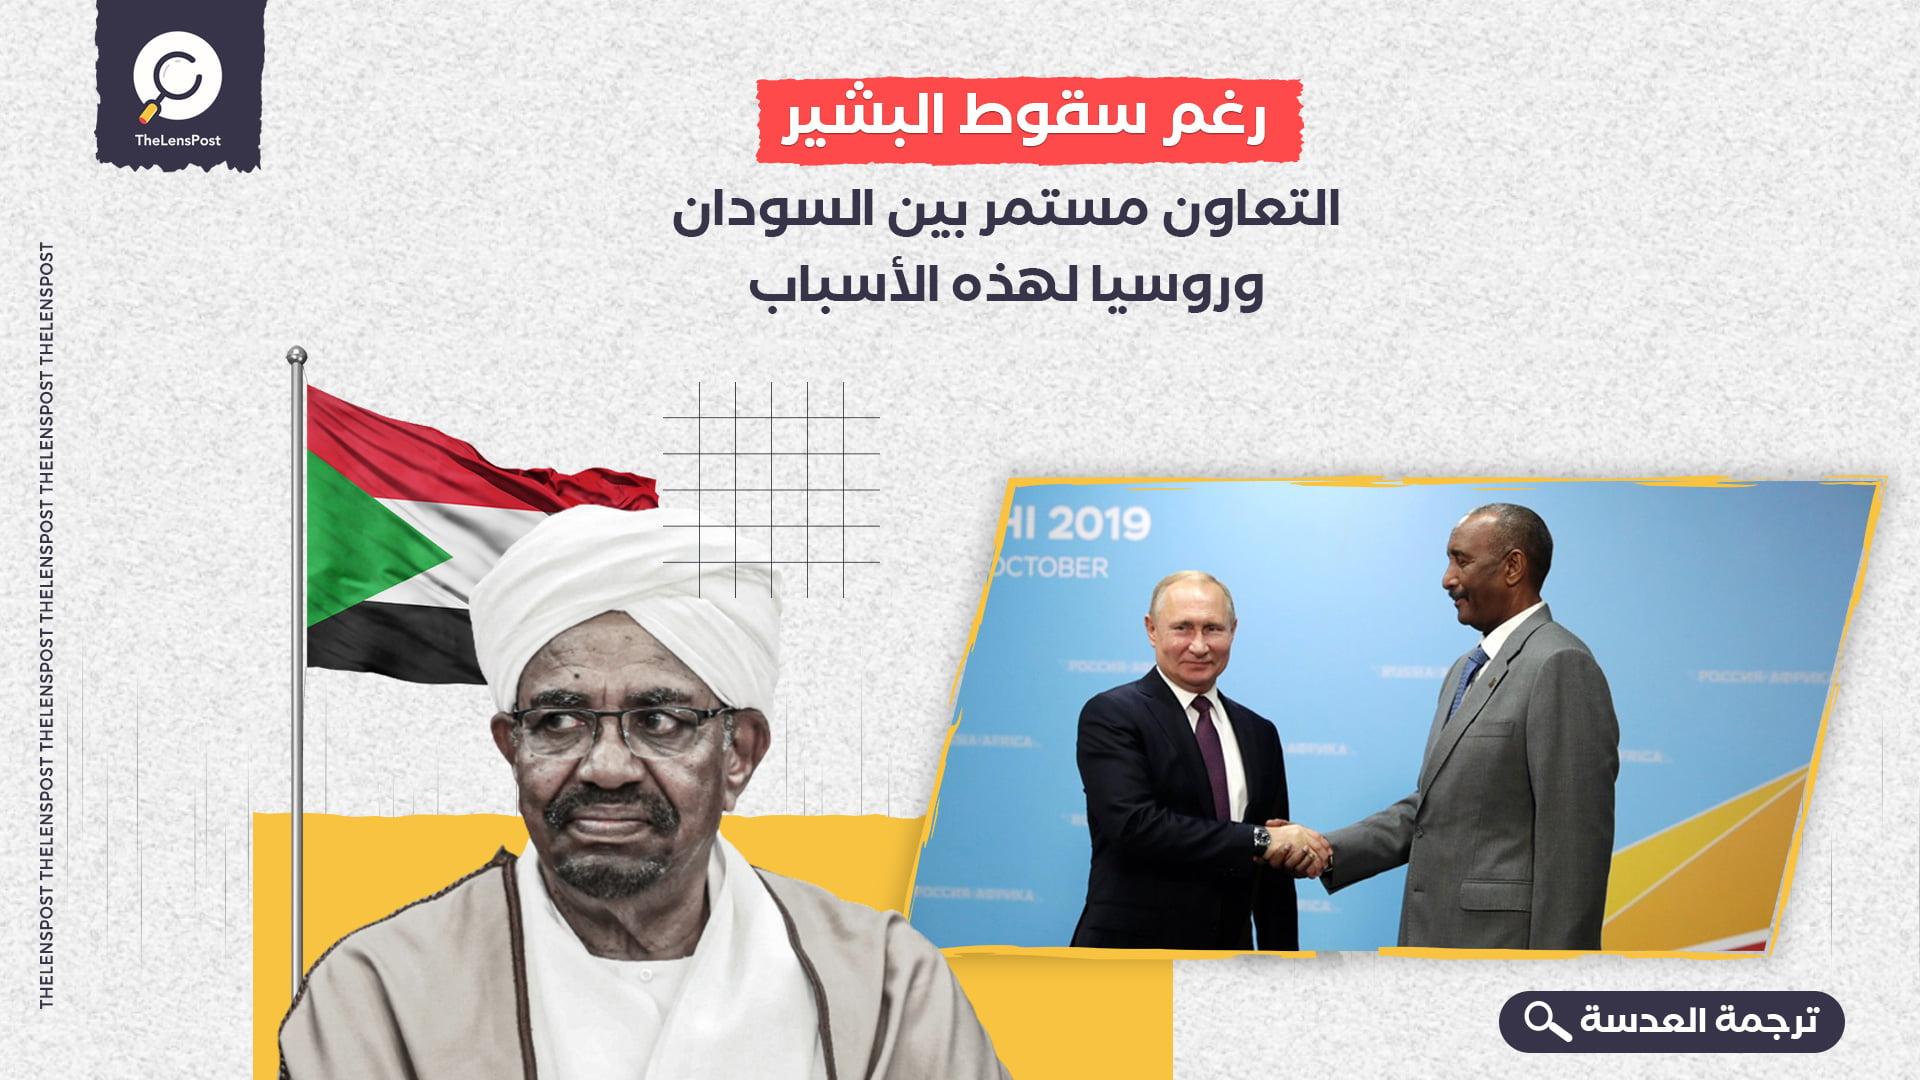 رغم سقوط البشير.. التعاون مستمر بين السودان وروسيا لهذه الأسباب